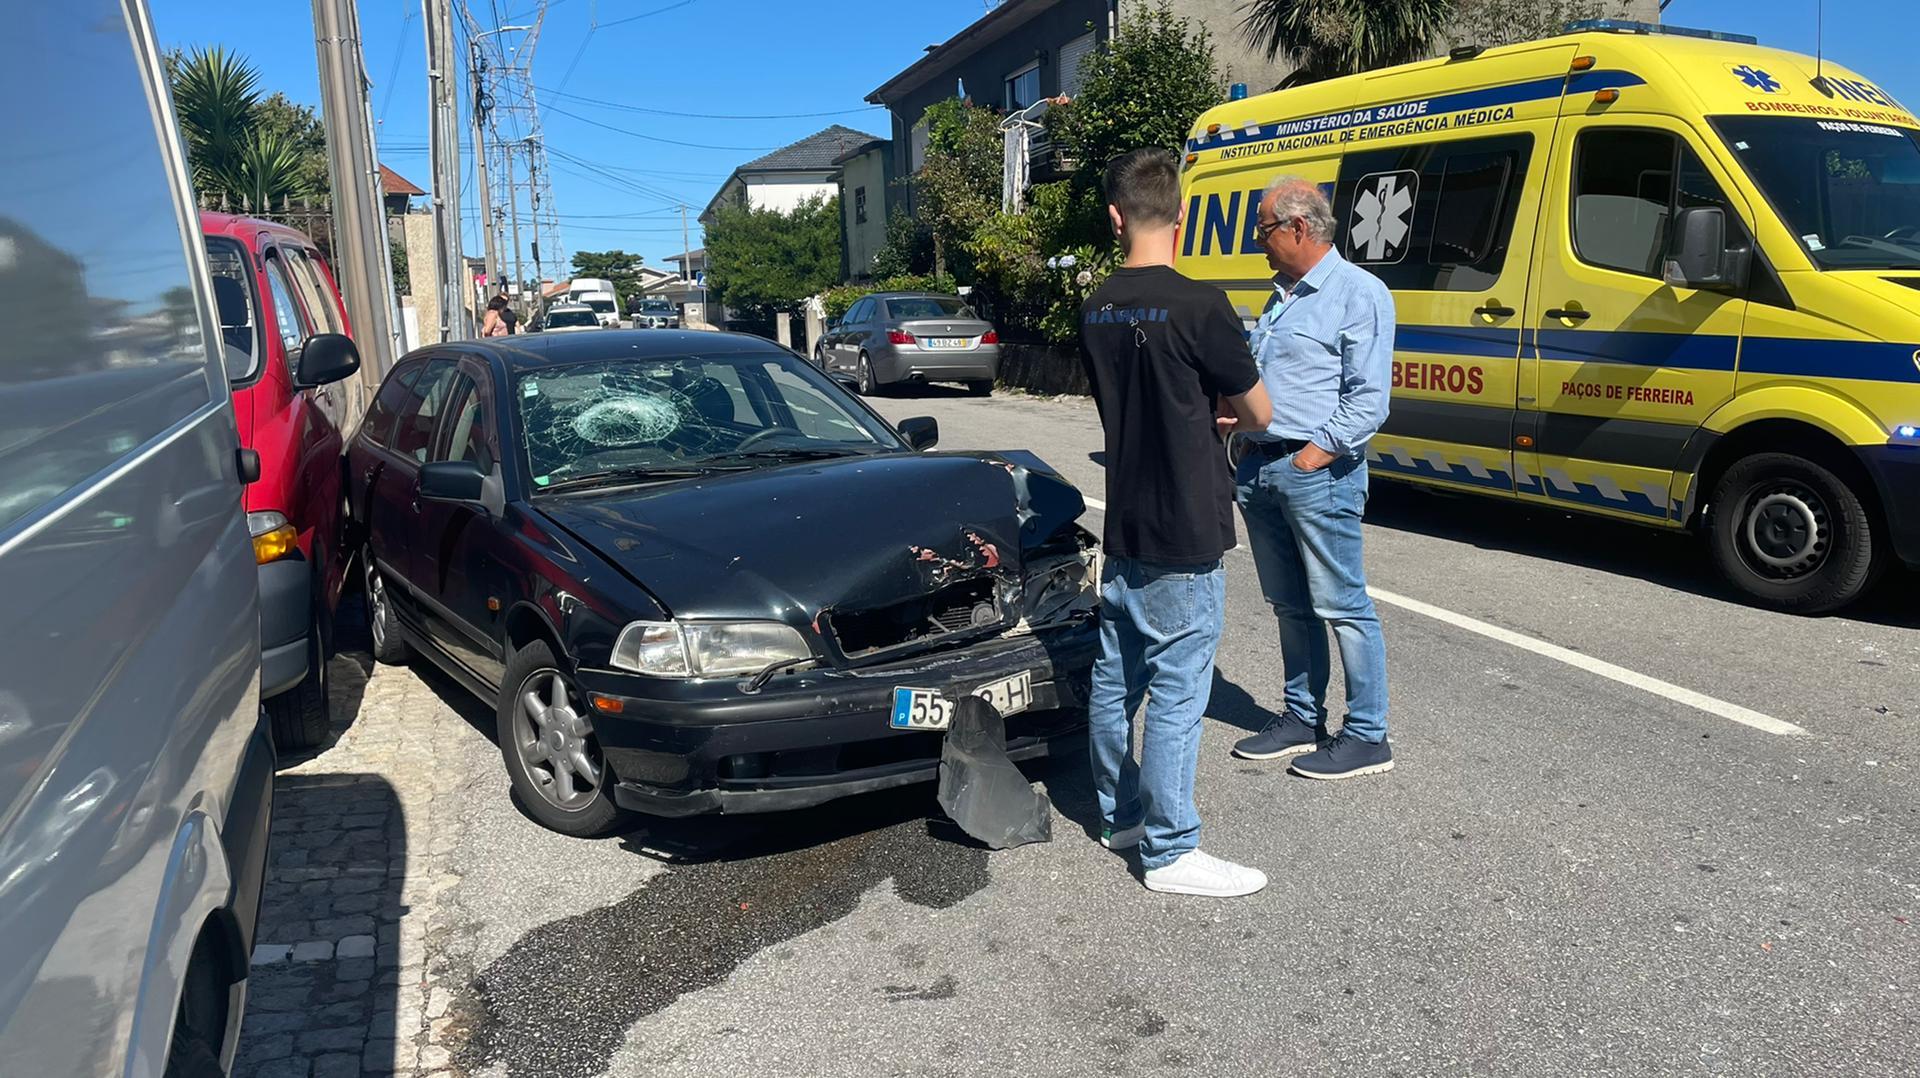 Pacos-de-Ferreira-Acidente-em-Frazao-causou-dois-feridos-leves-e-um-grave